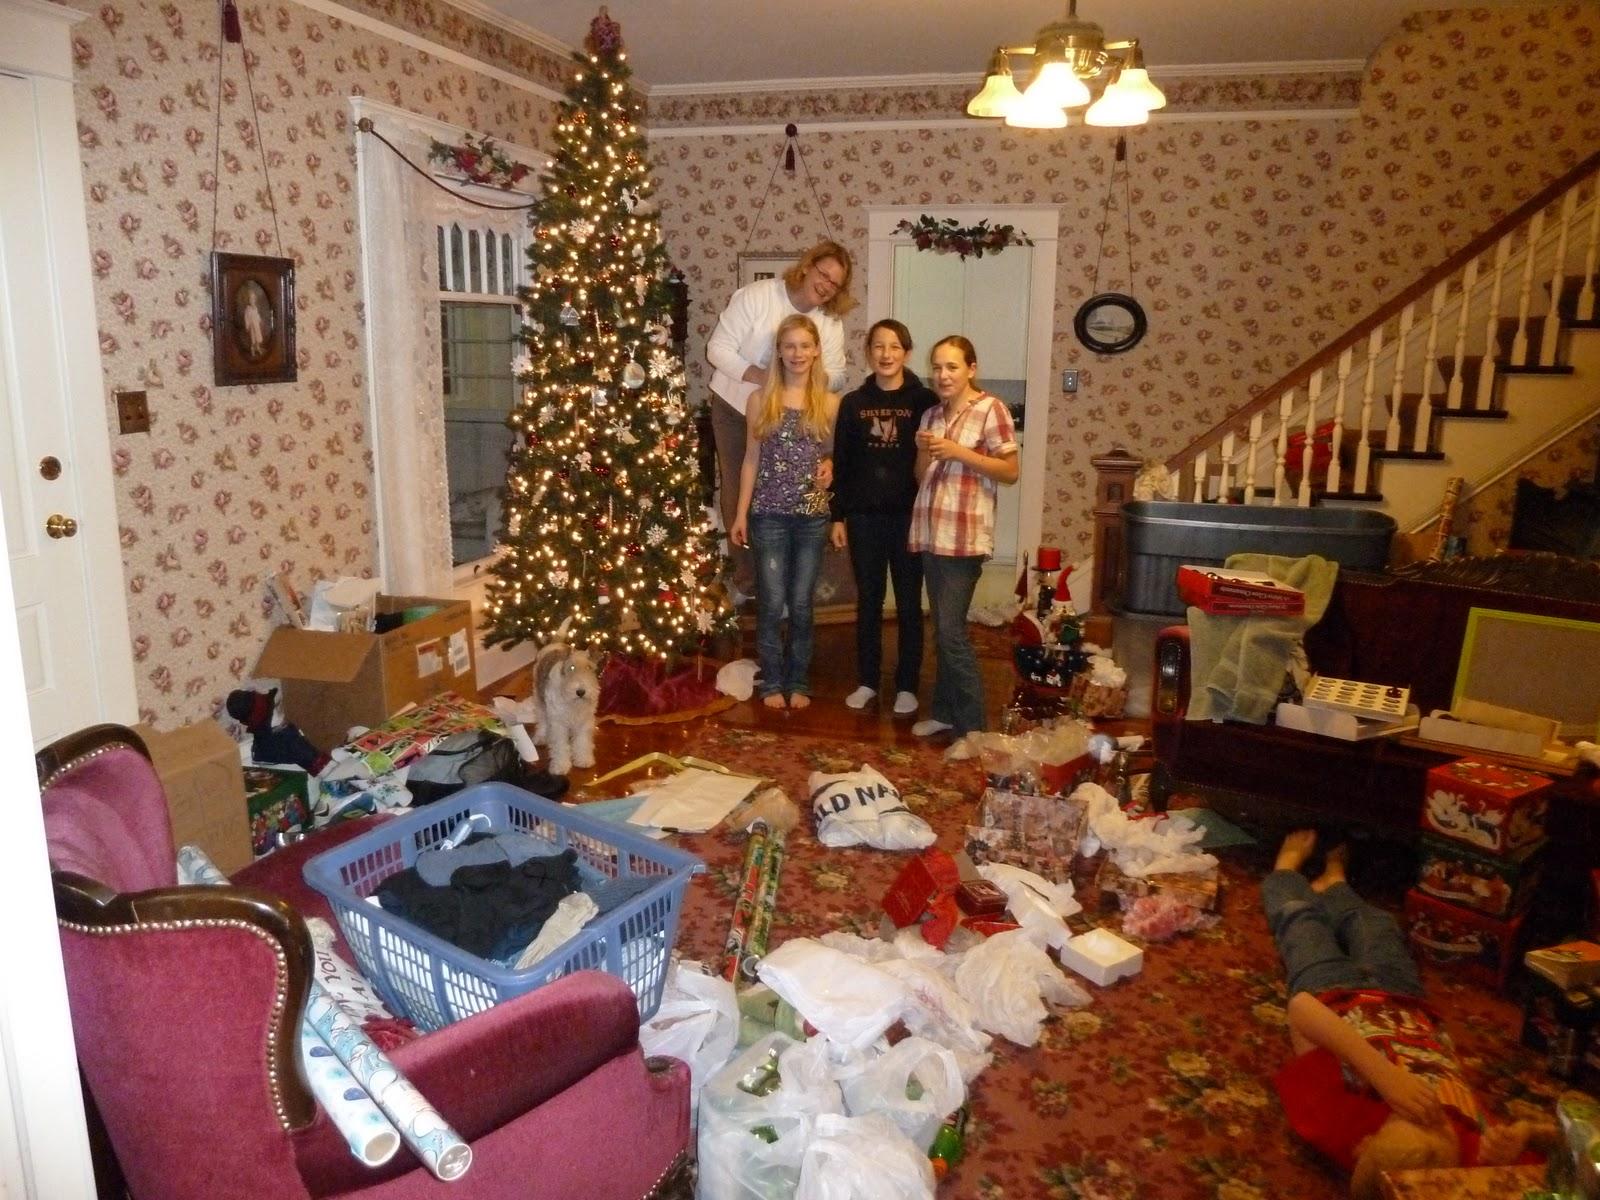 Noch Mal Der Weihnachtsbaum Im Wohnzimmer Mit Unserm Engel Auf Dem Schrankchen